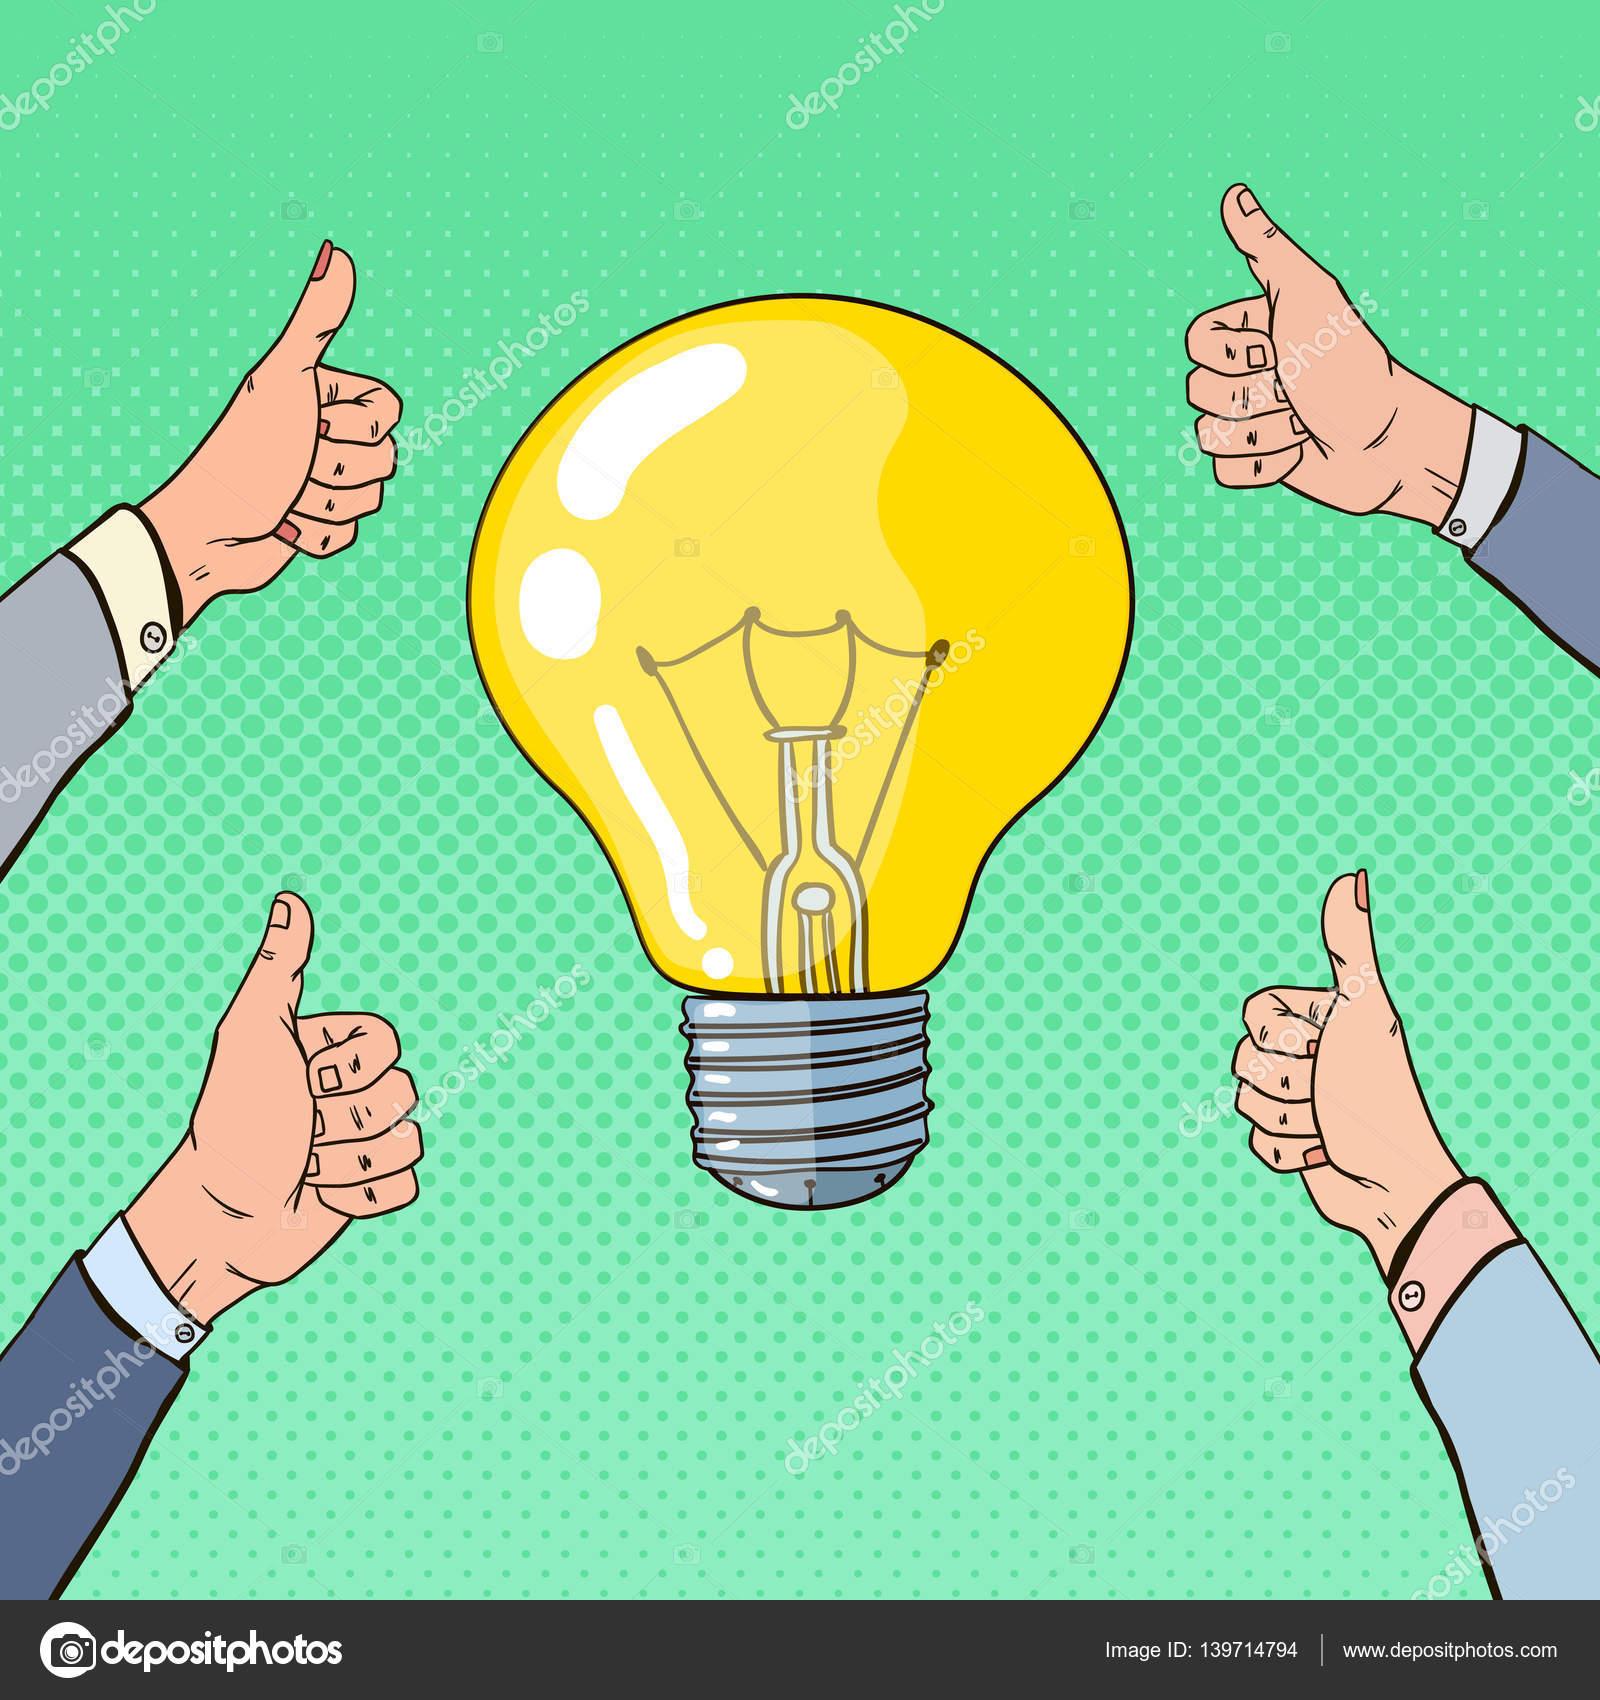 Арт бизнеса идеи для магазин крепежей бизнес план